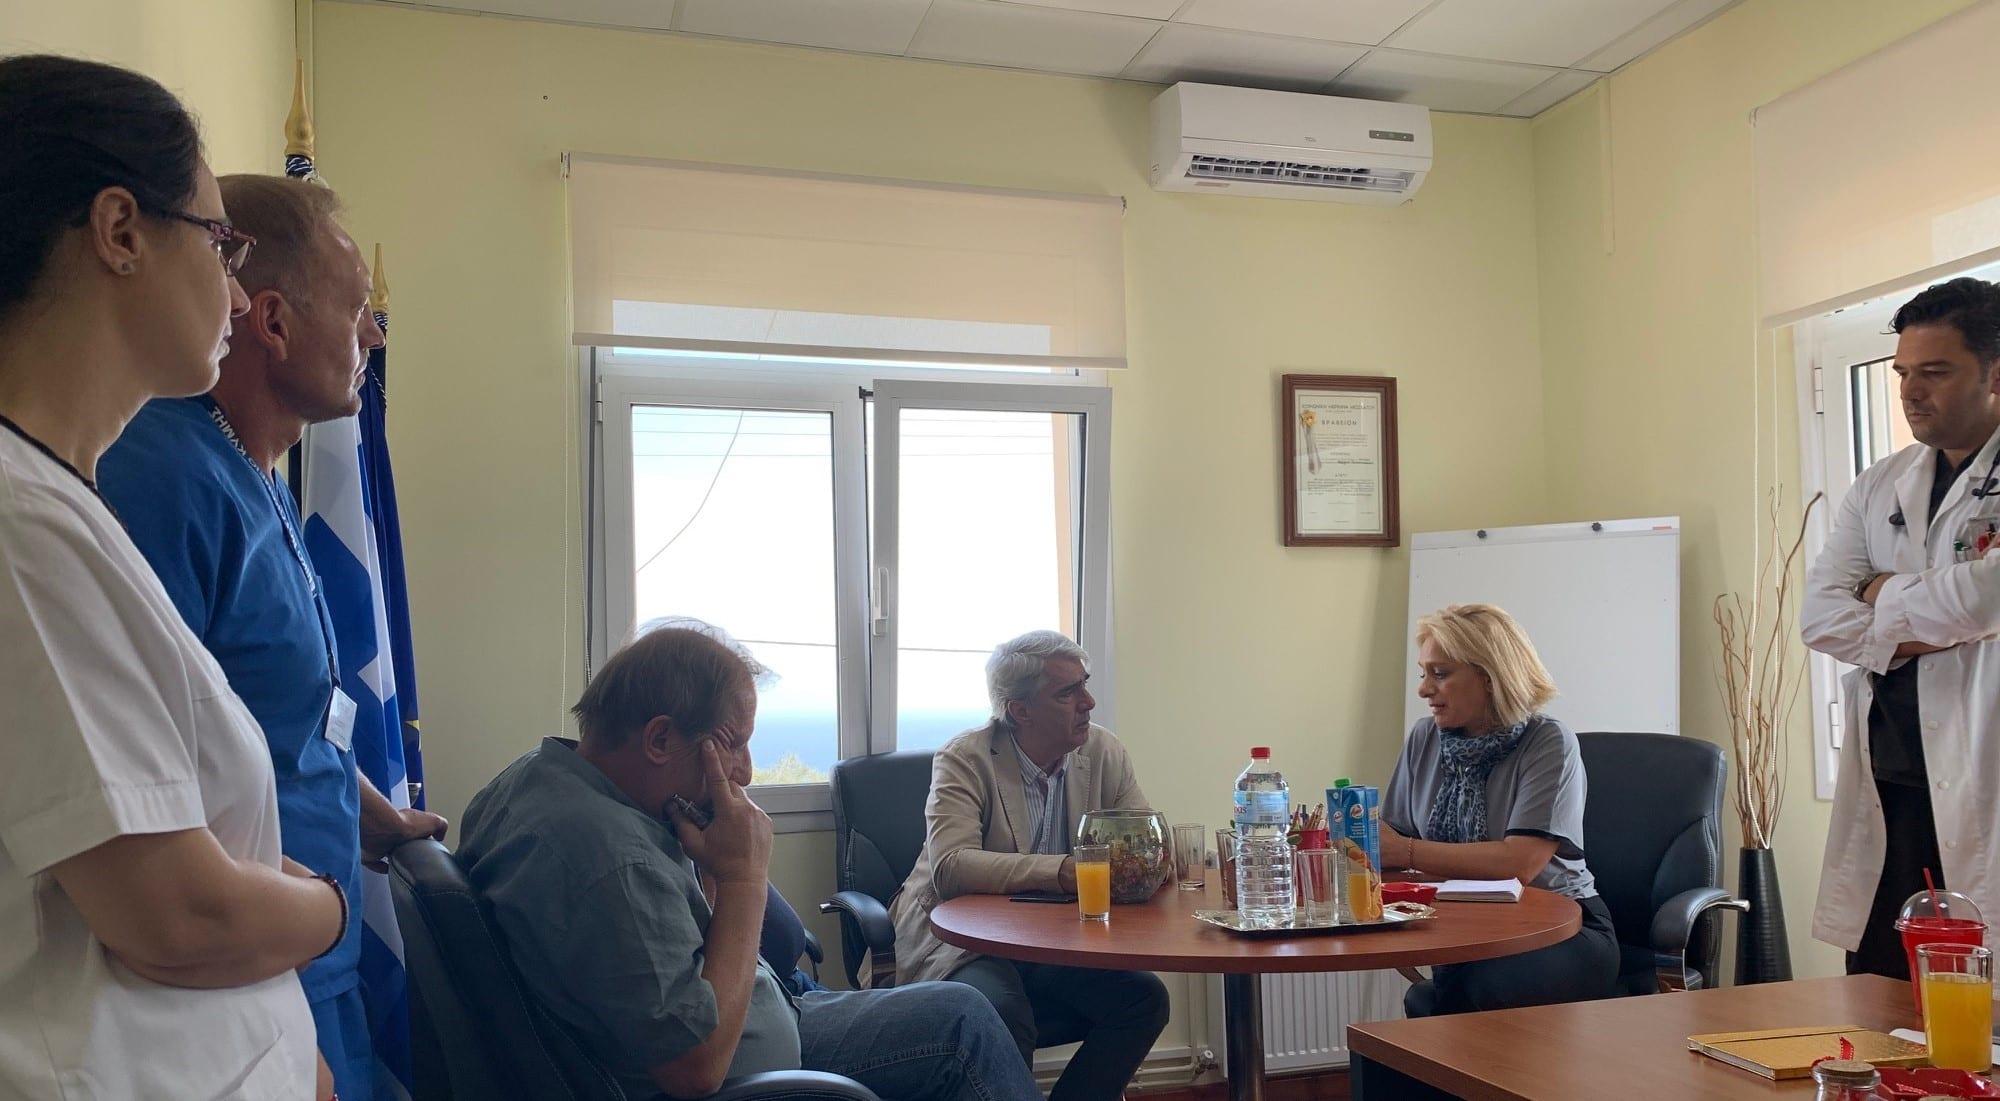 , Σίμος Κεδίκογλου: «Προτεραιότητα η ενίσχυση των Δομών Δημόσιας Υγείας στην Εύβοια», Eviathema.gr | Εύβοια Τοπ Νέα Ειδήσεις